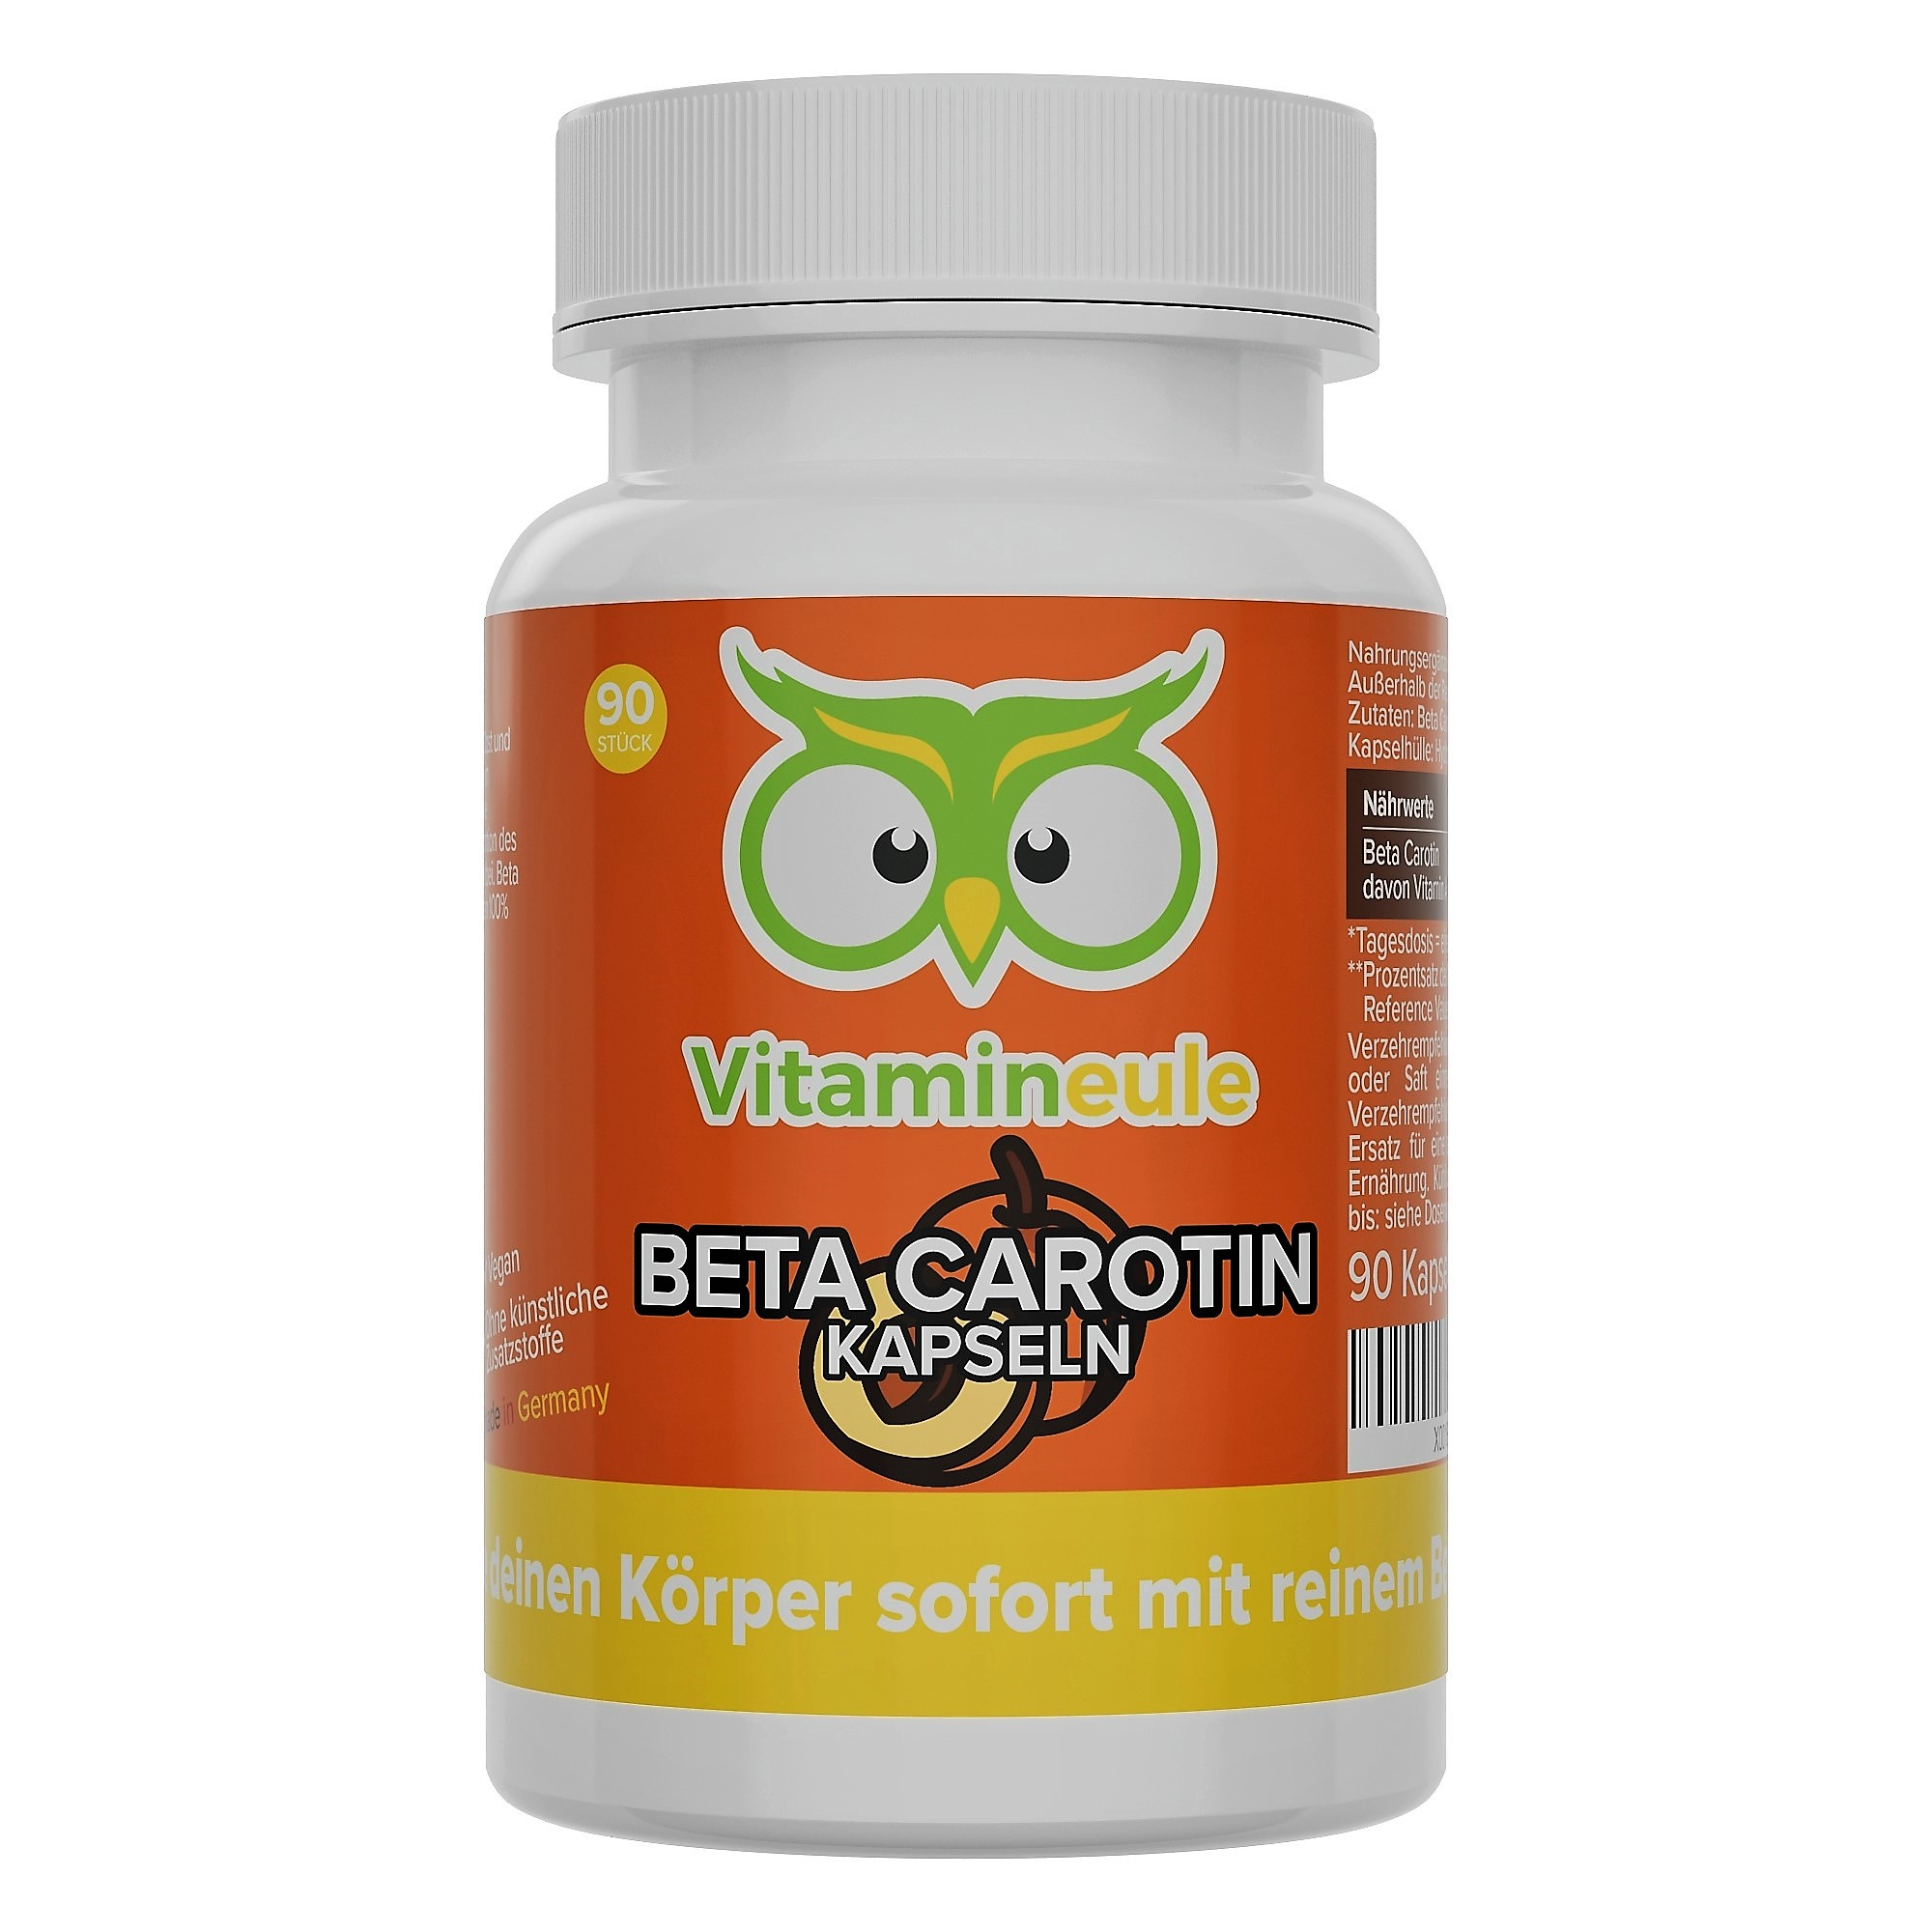 Beta Carotin Kapseln von Vitamineule